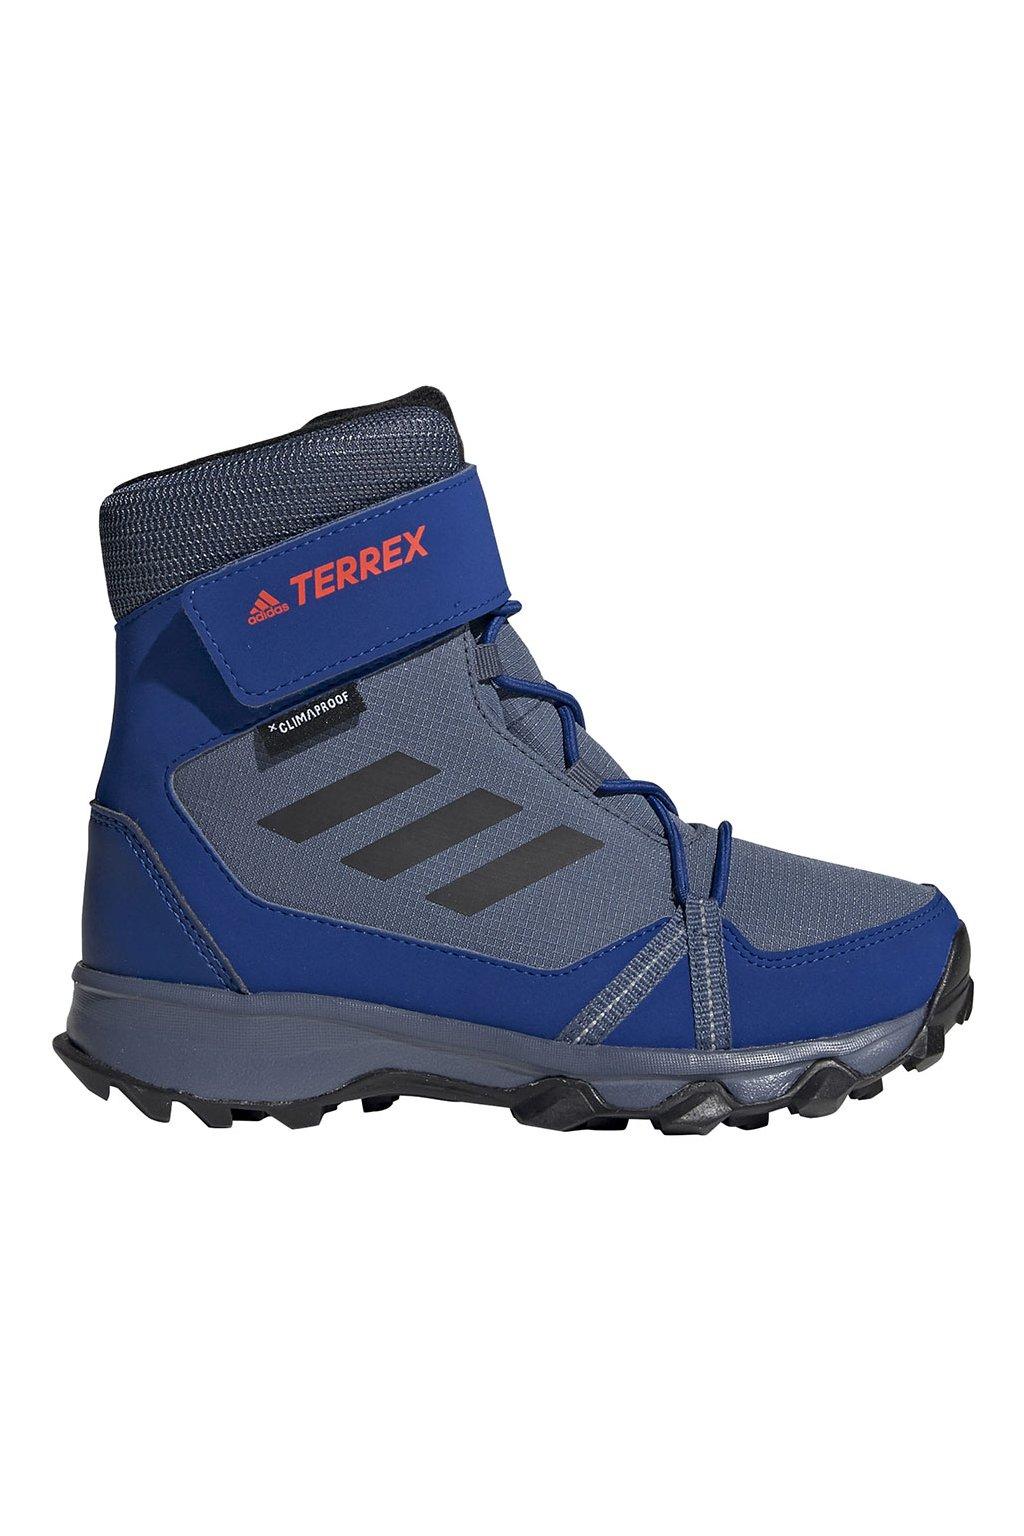 Detská športová obuv Adidas Terrex Now CF R.RDY K modré G26579